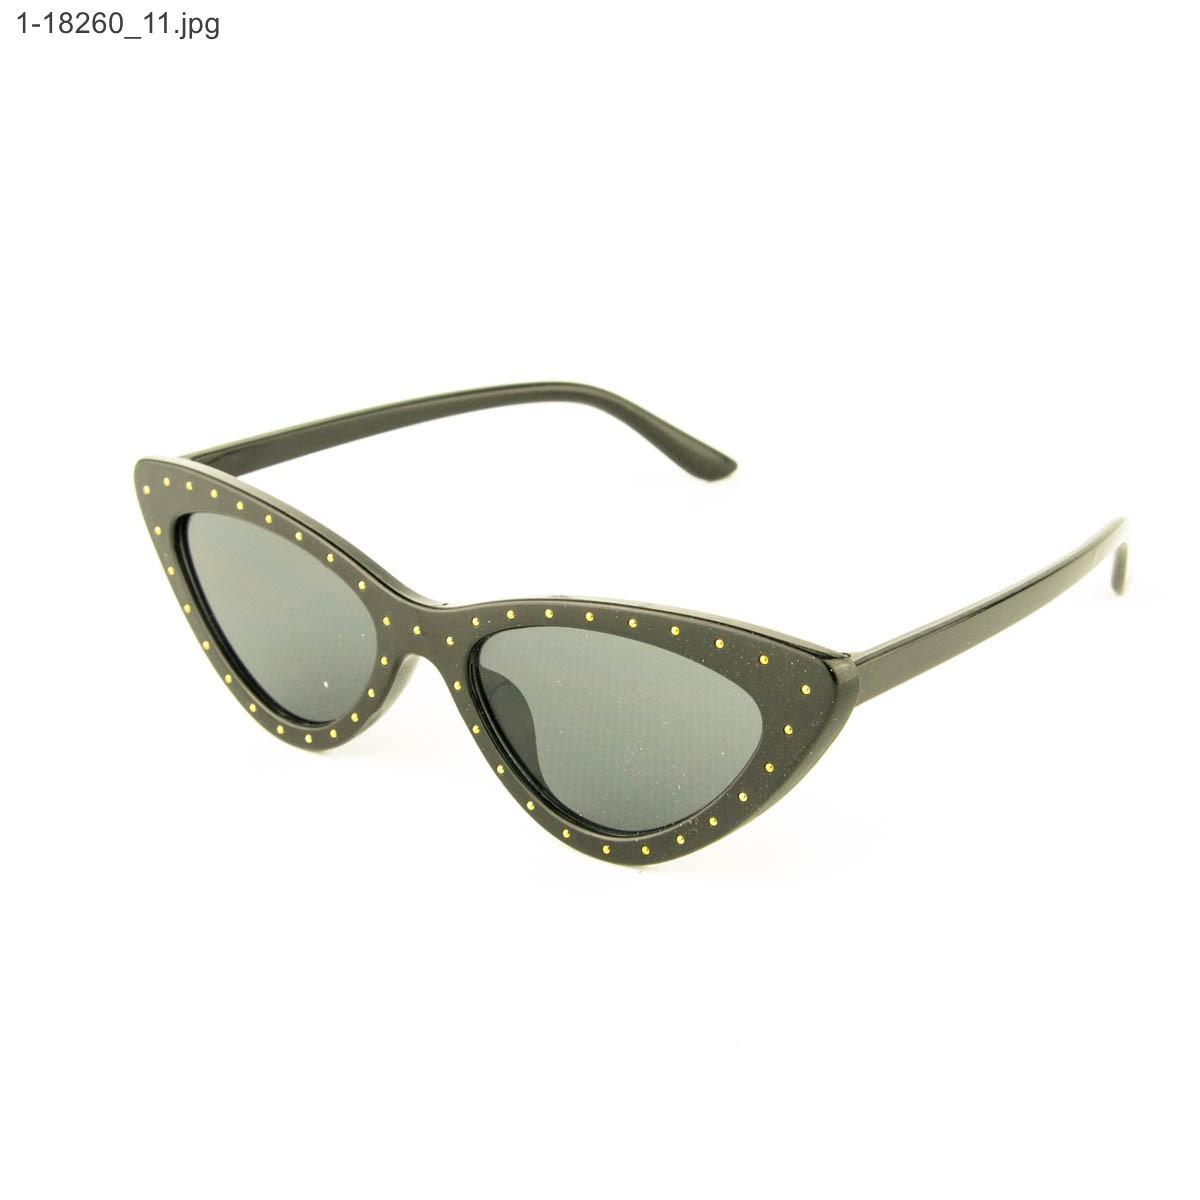 Оптом очки солнцезащитные кошачий глаз - Черные с шипами - 1-18260